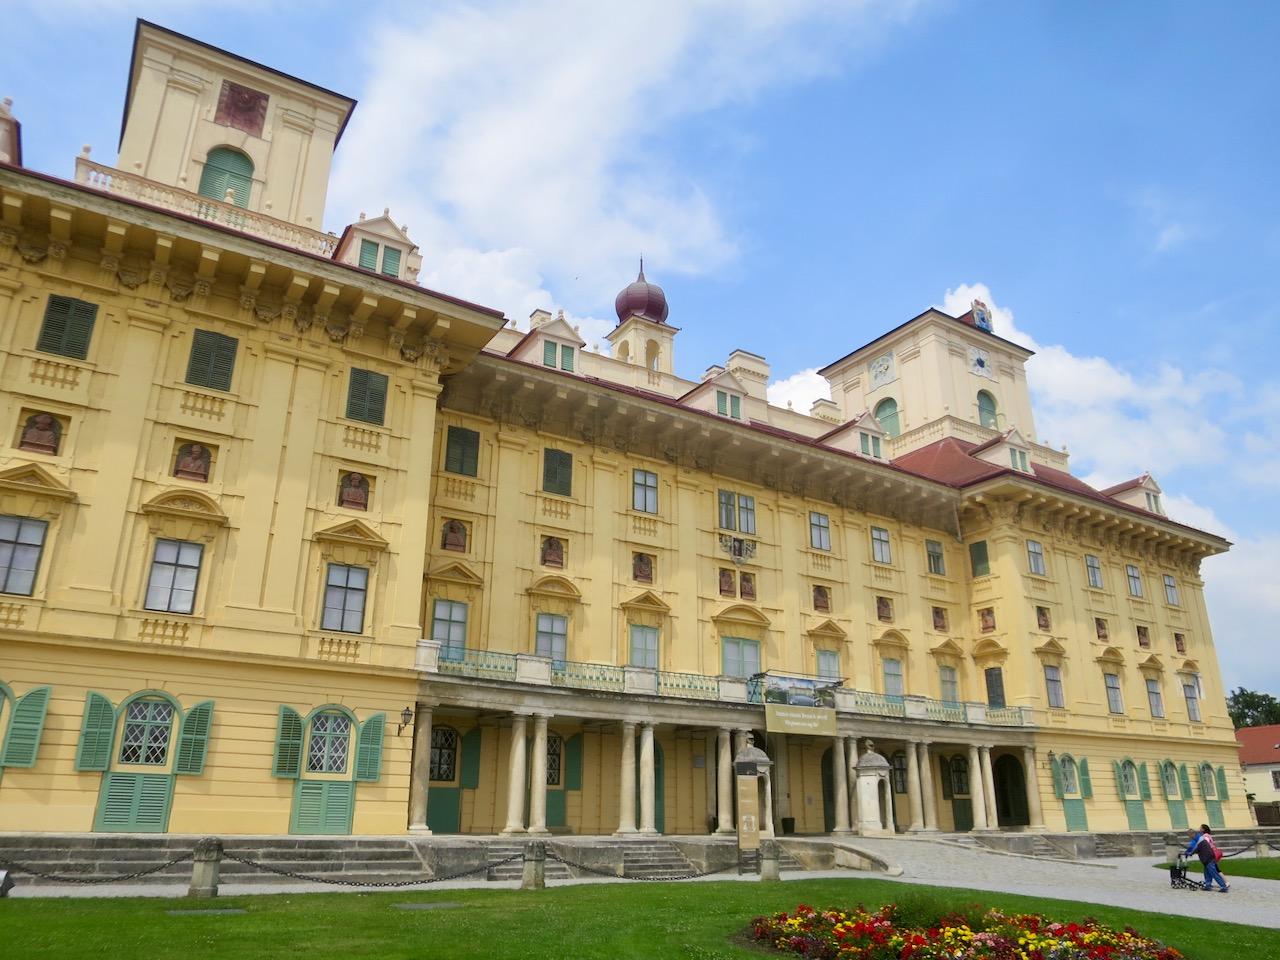 O Palácio Esterházy em Eisenstadt